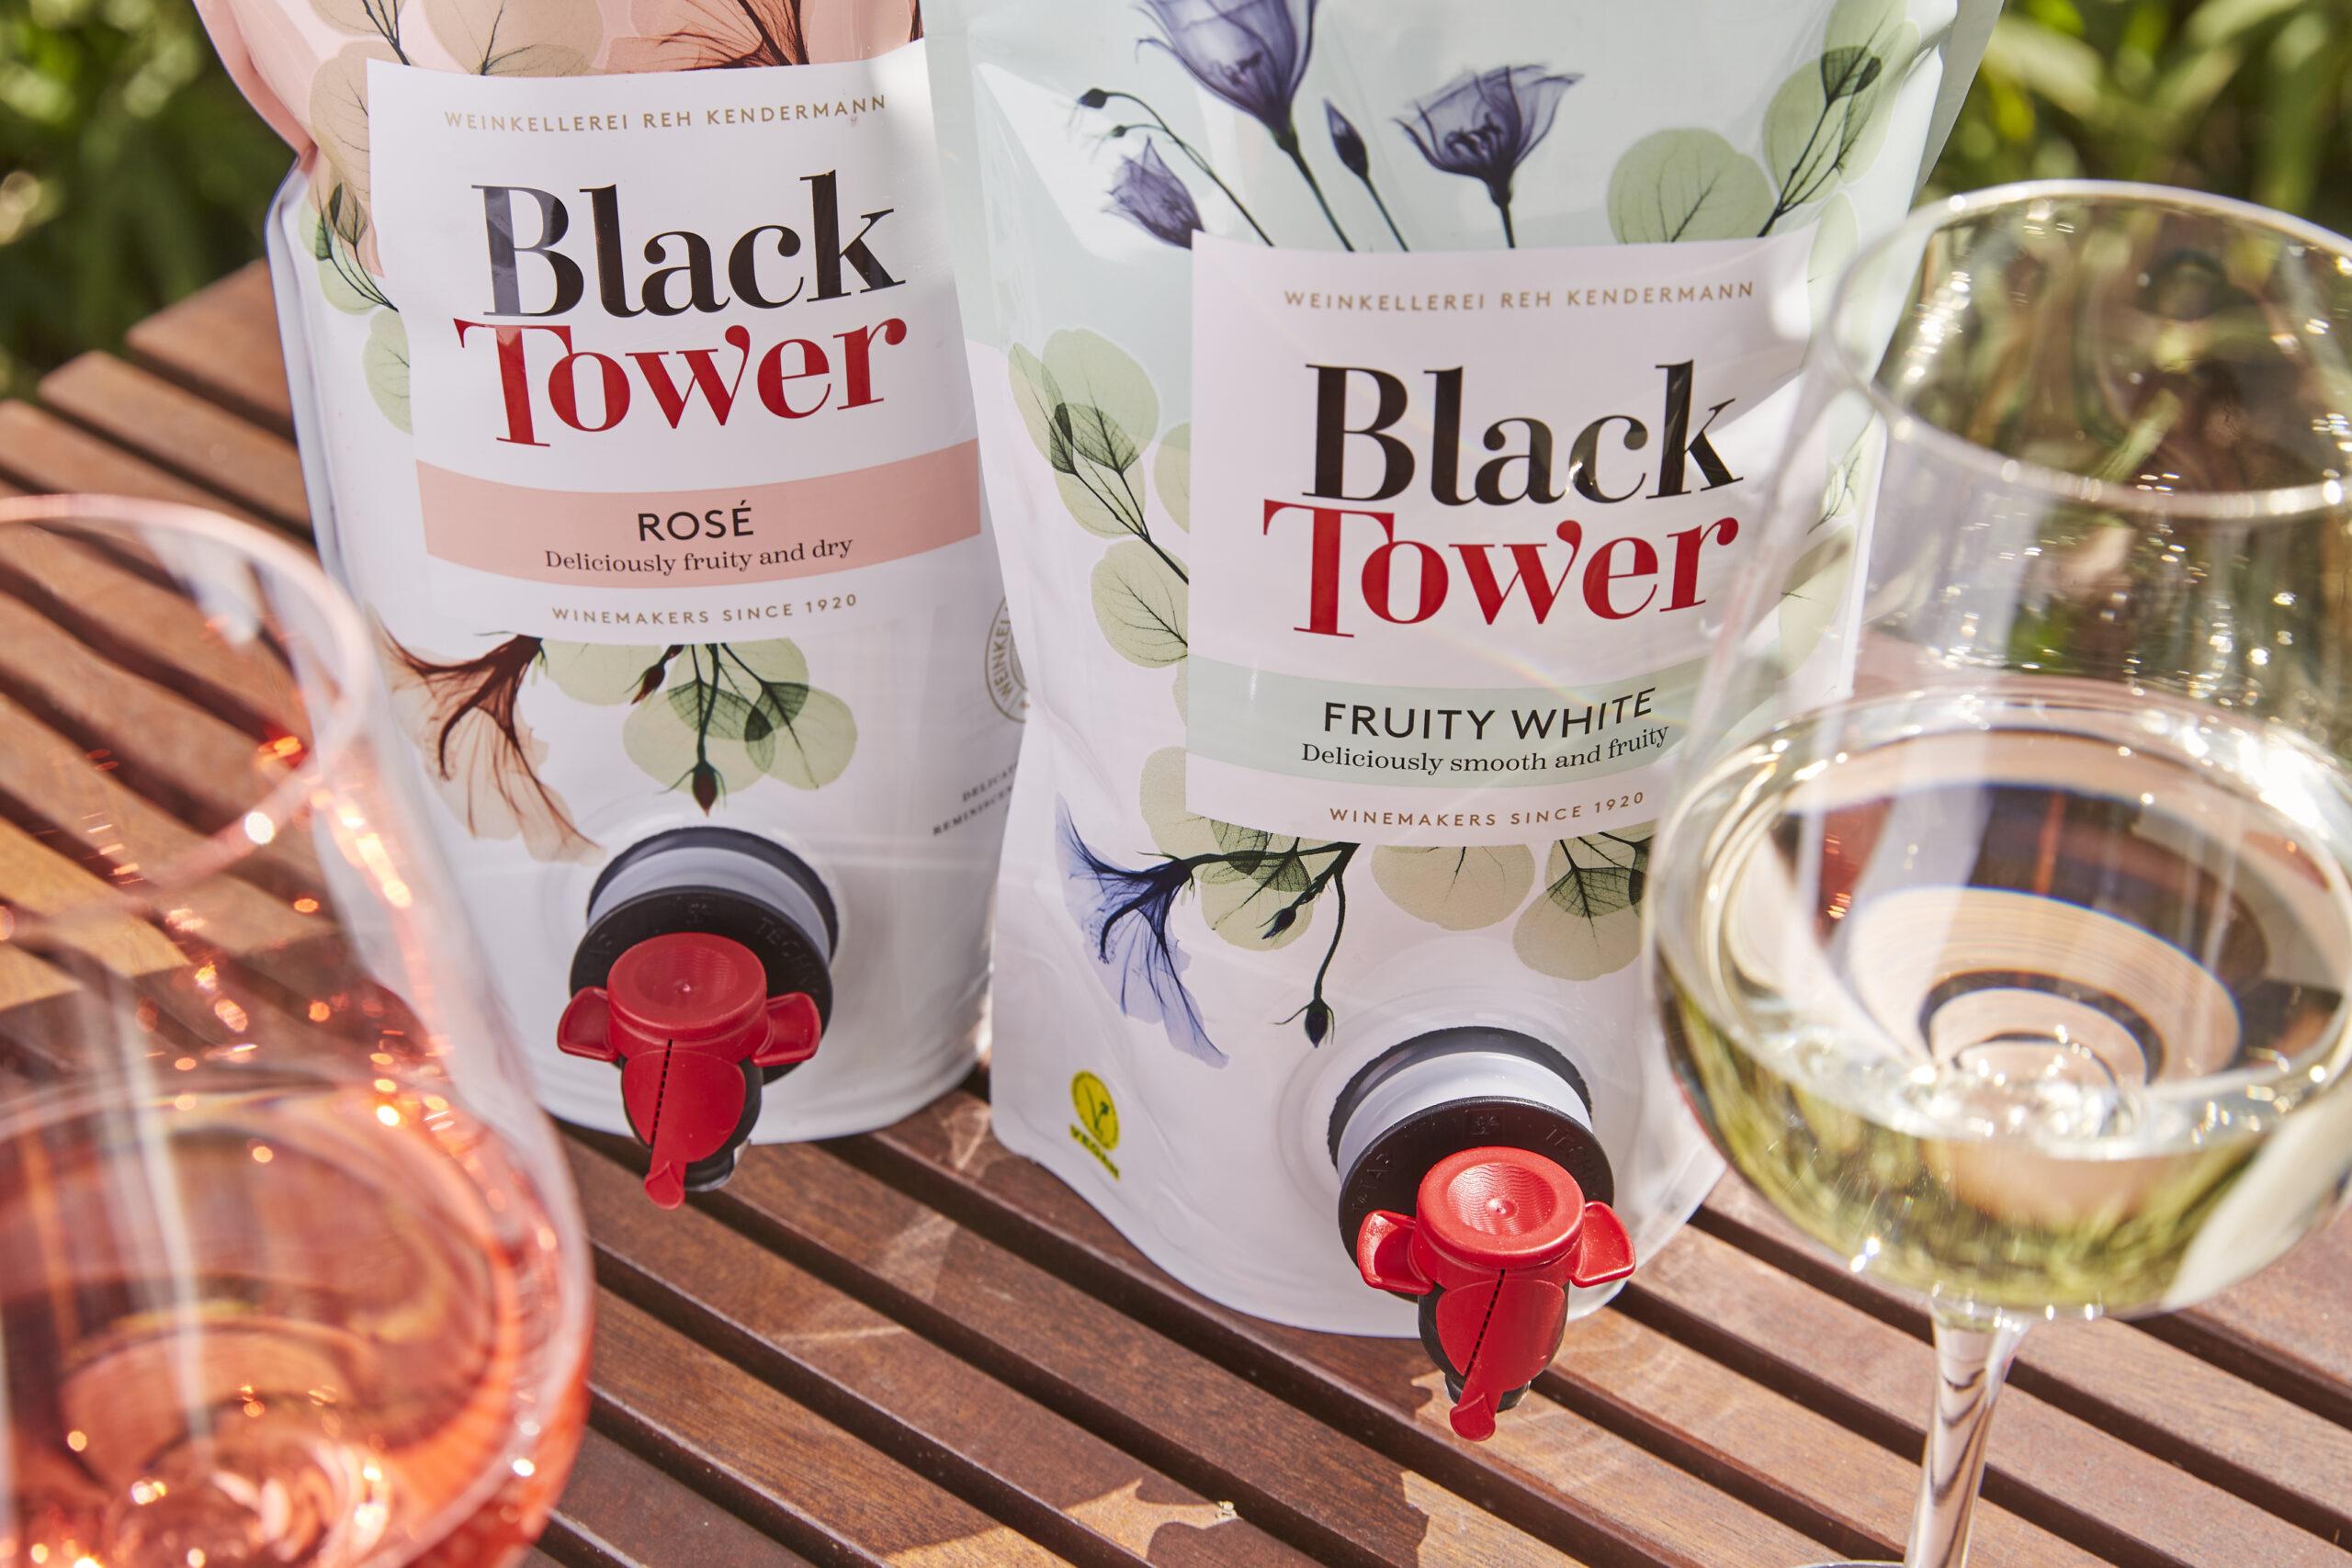 Wein in Beuteln – Black Tower in Pouches